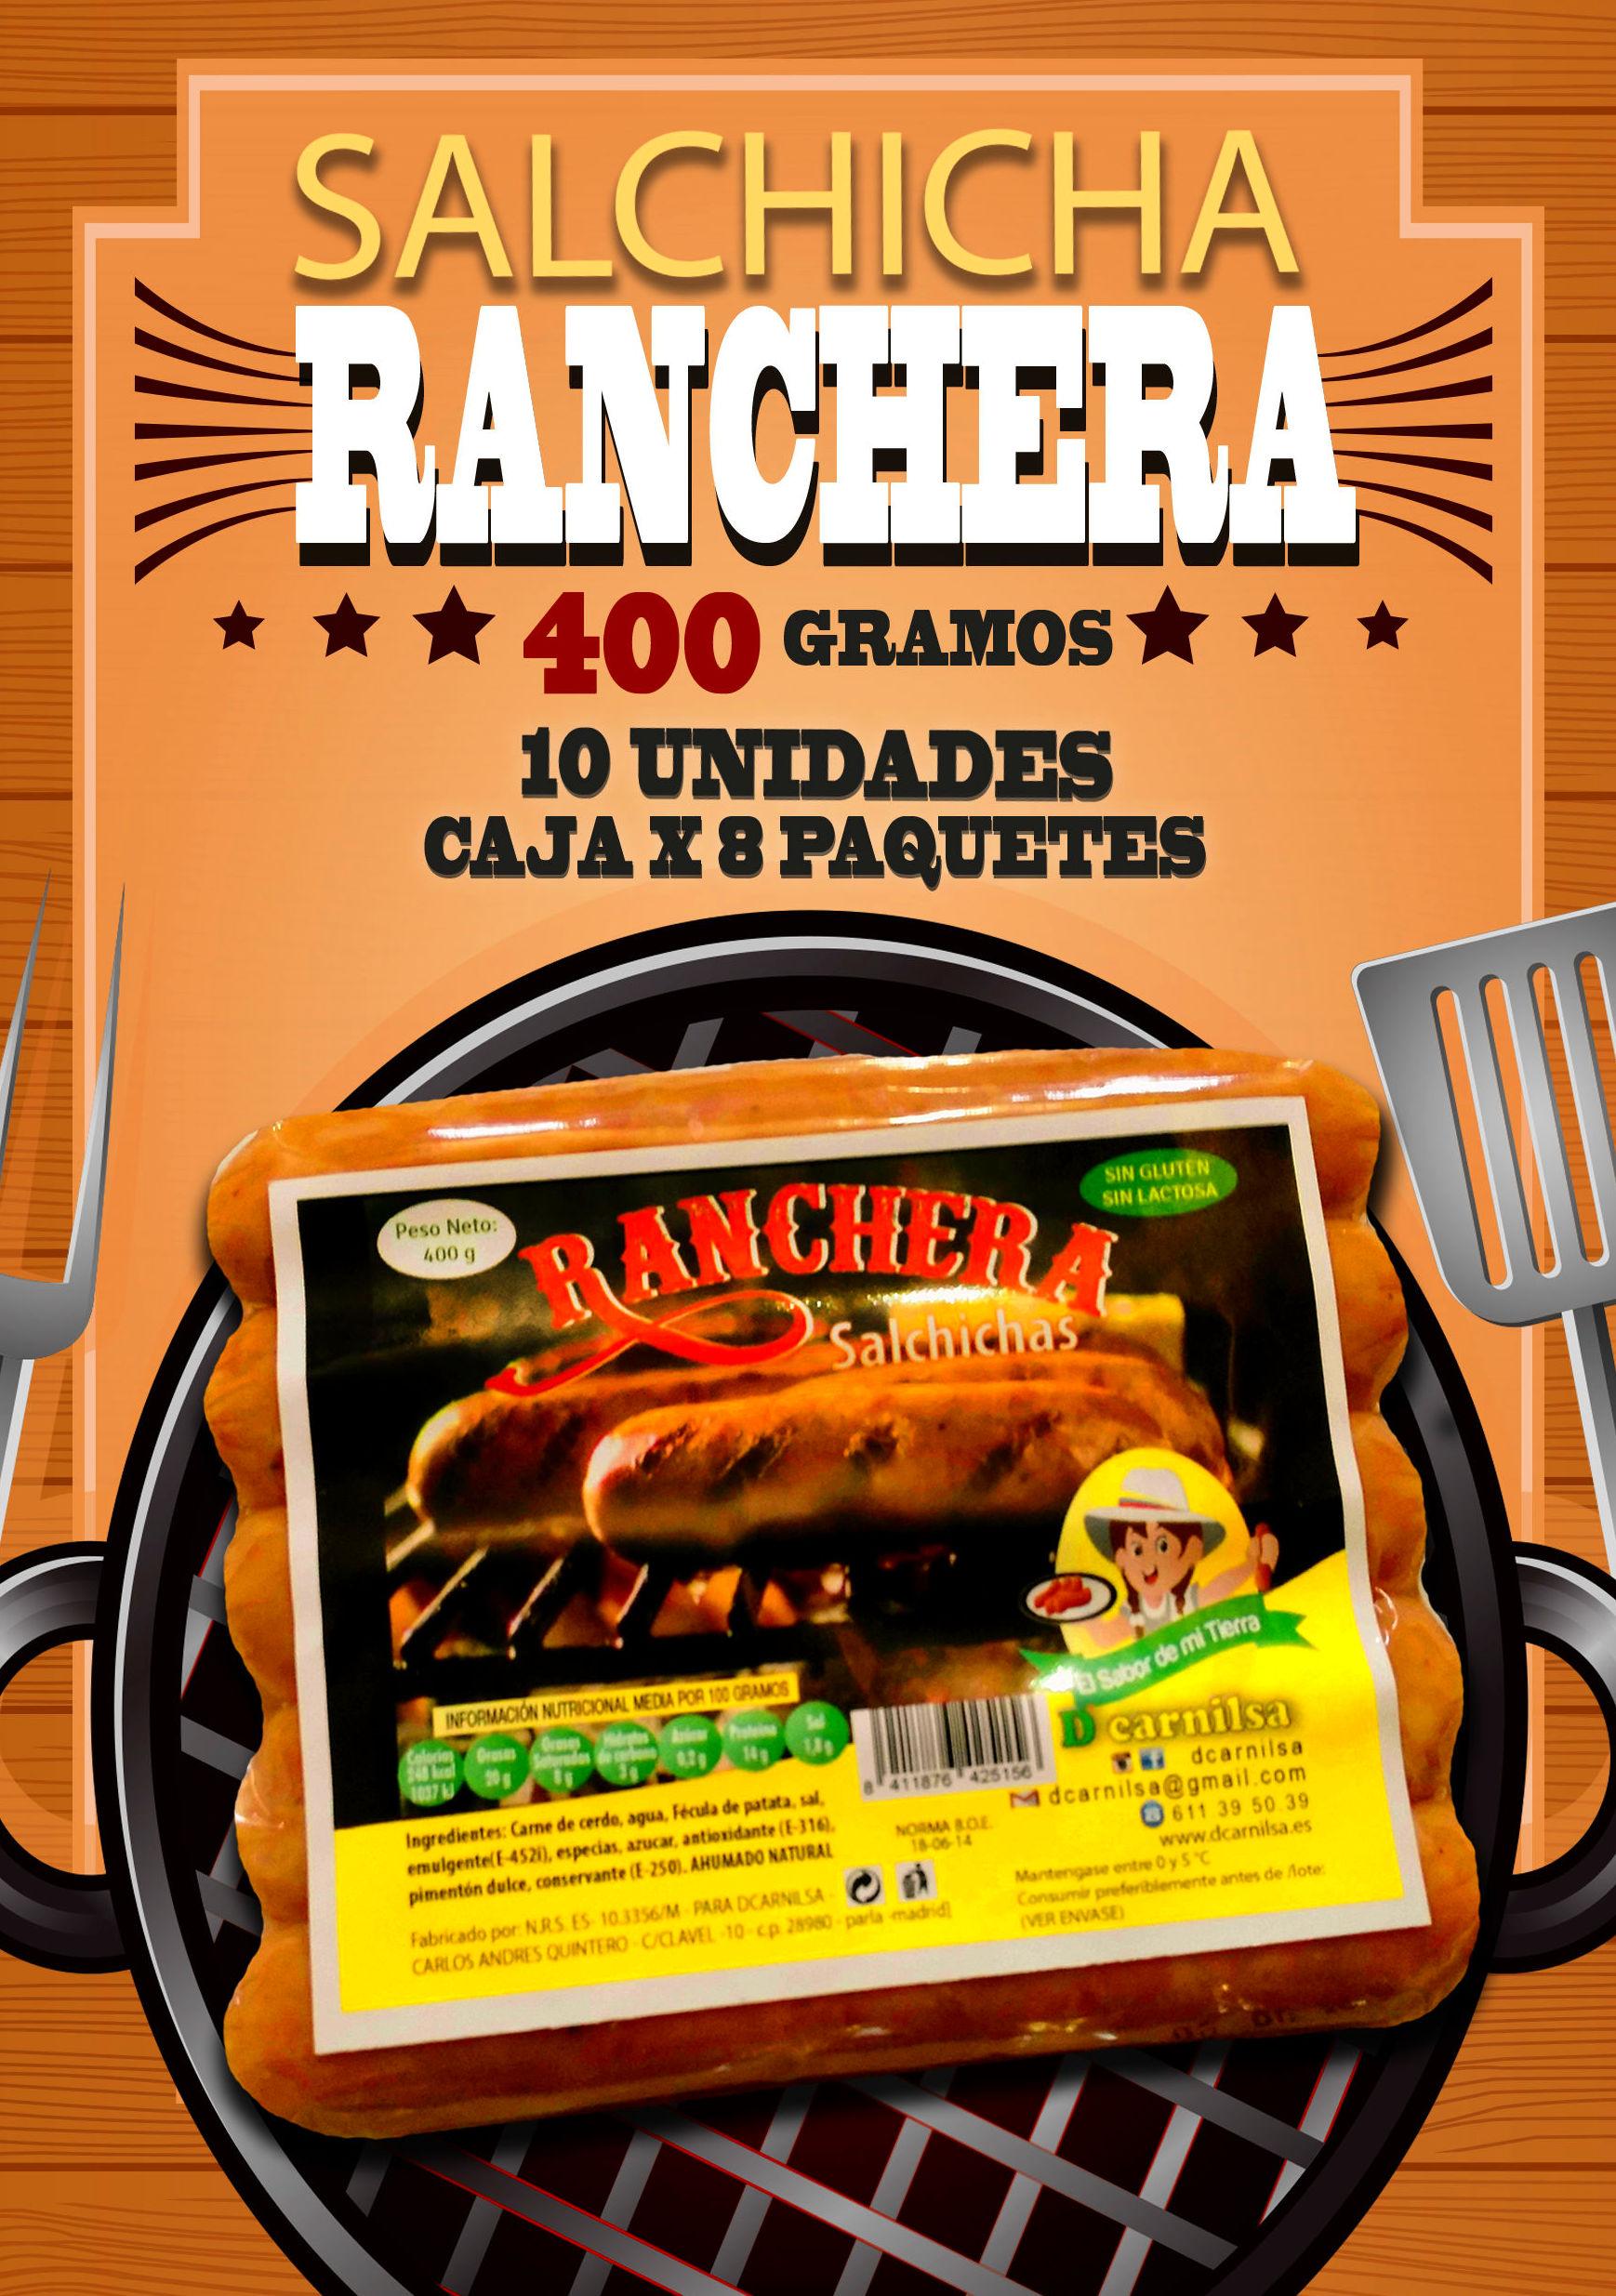 Salchichas rancheras Santa rosano x 10: PRODUCTOS de La Cabaña 5 continentes